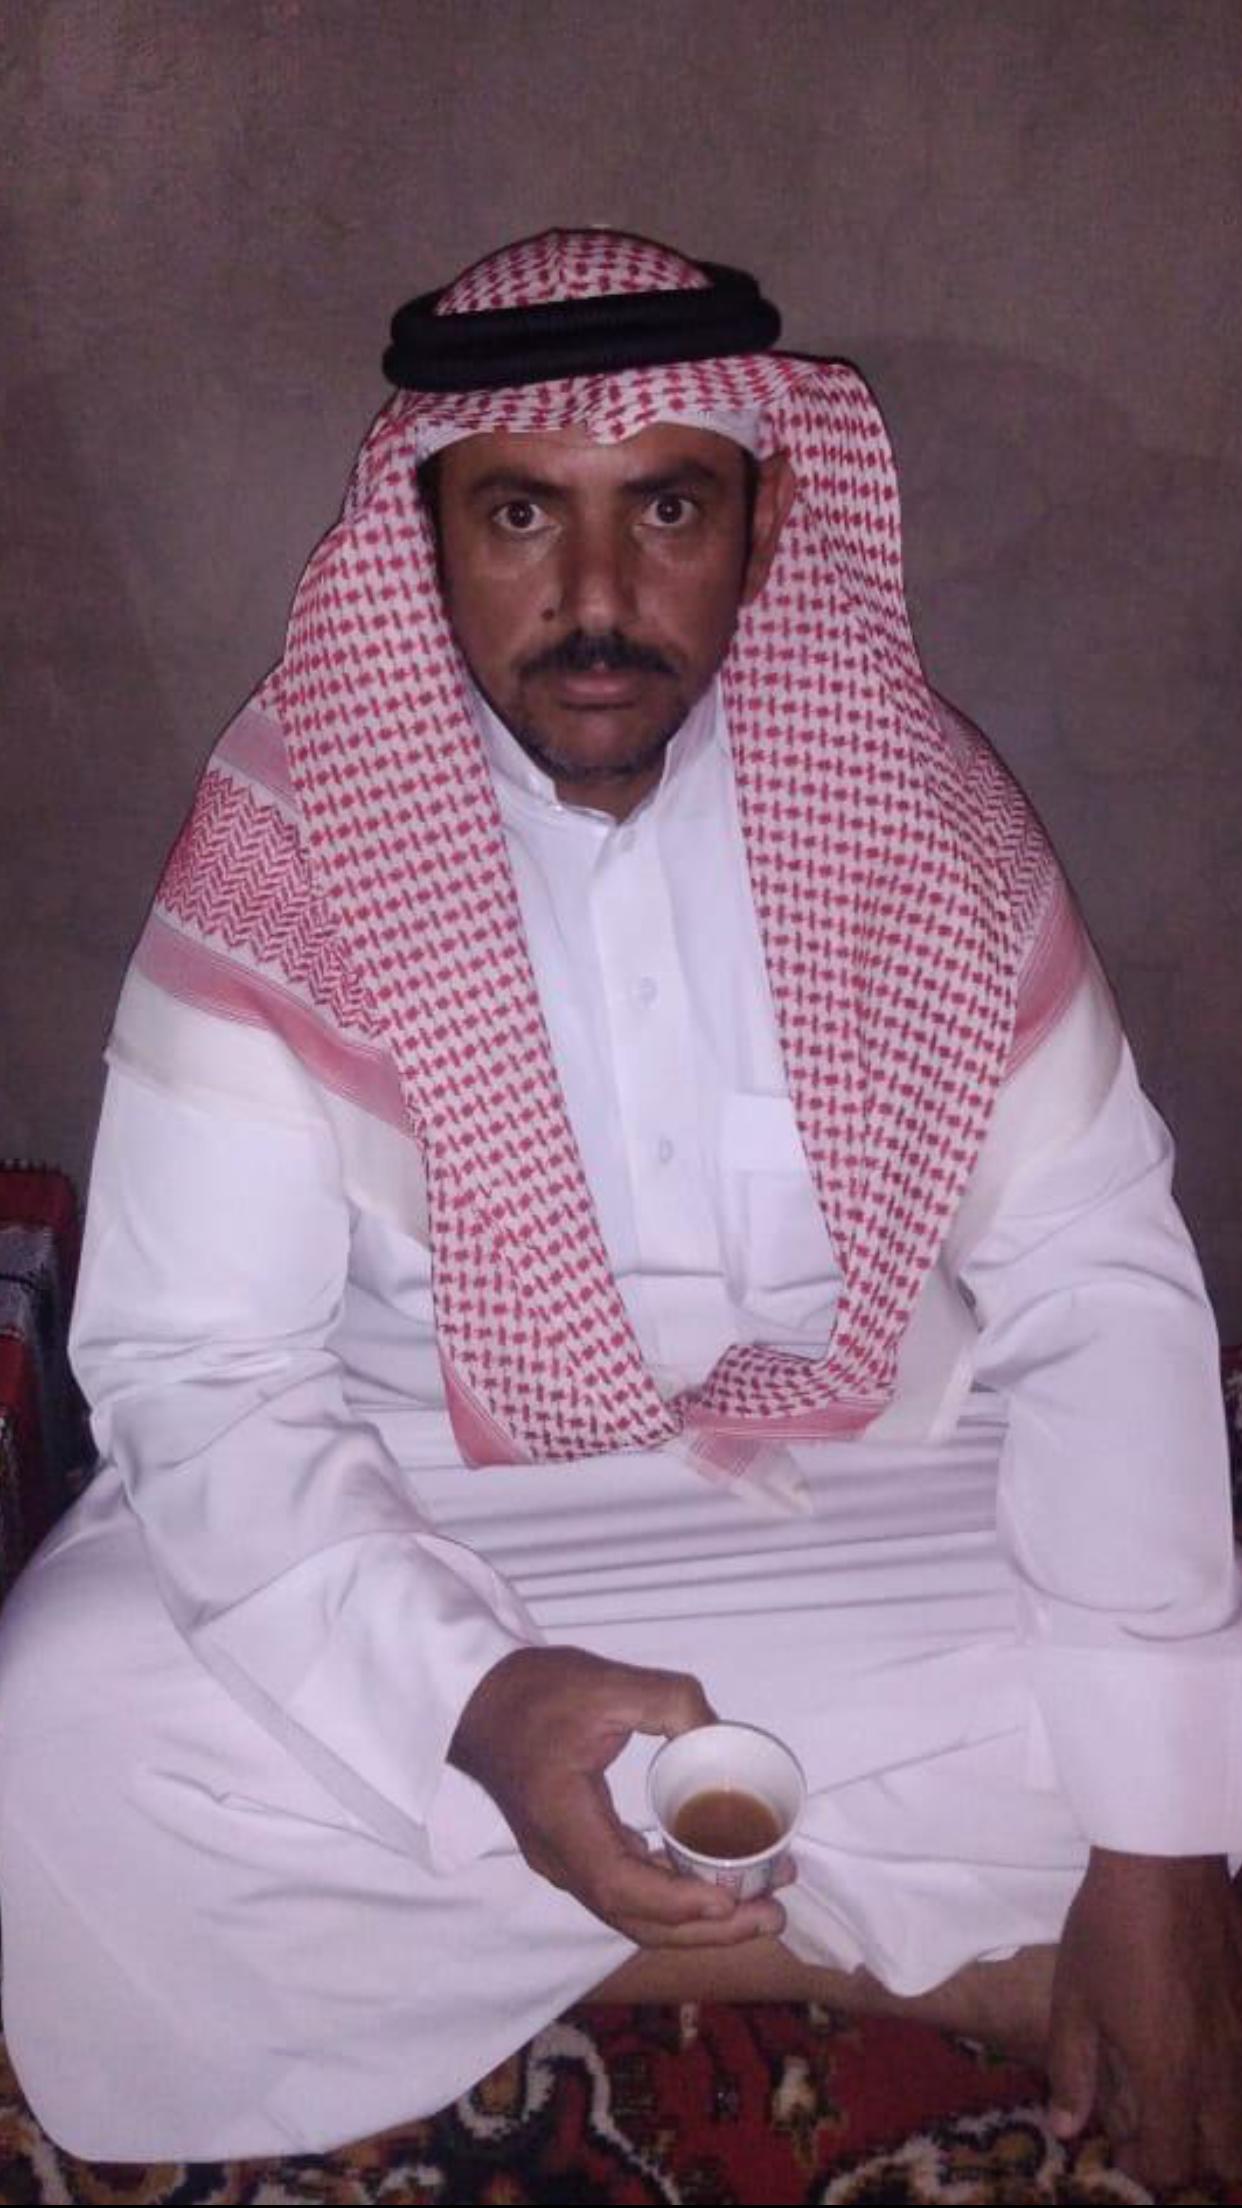 الشاب / حمدان فرج الجحم البلوي يحتفل بزواجه B6206674 4CBE 41A6 8713 8762209A8F69